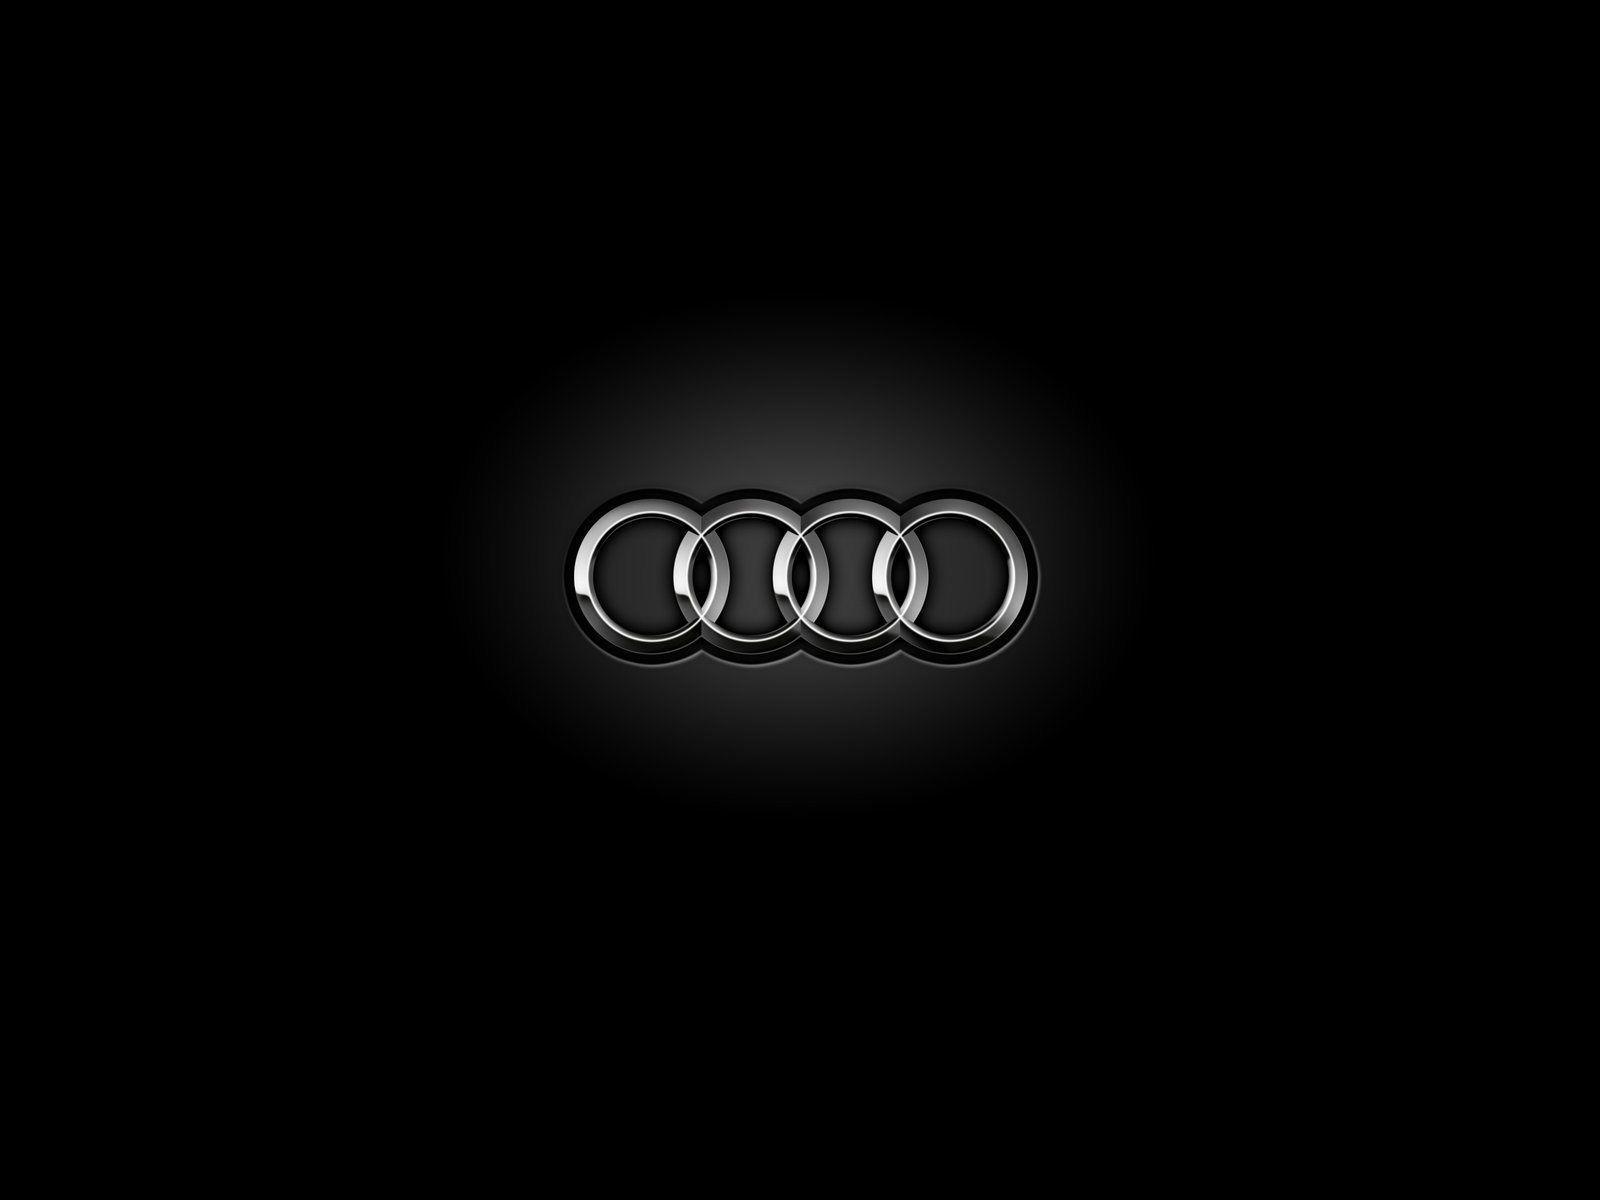 Car Logos Wallpapers Wallpaper Cave